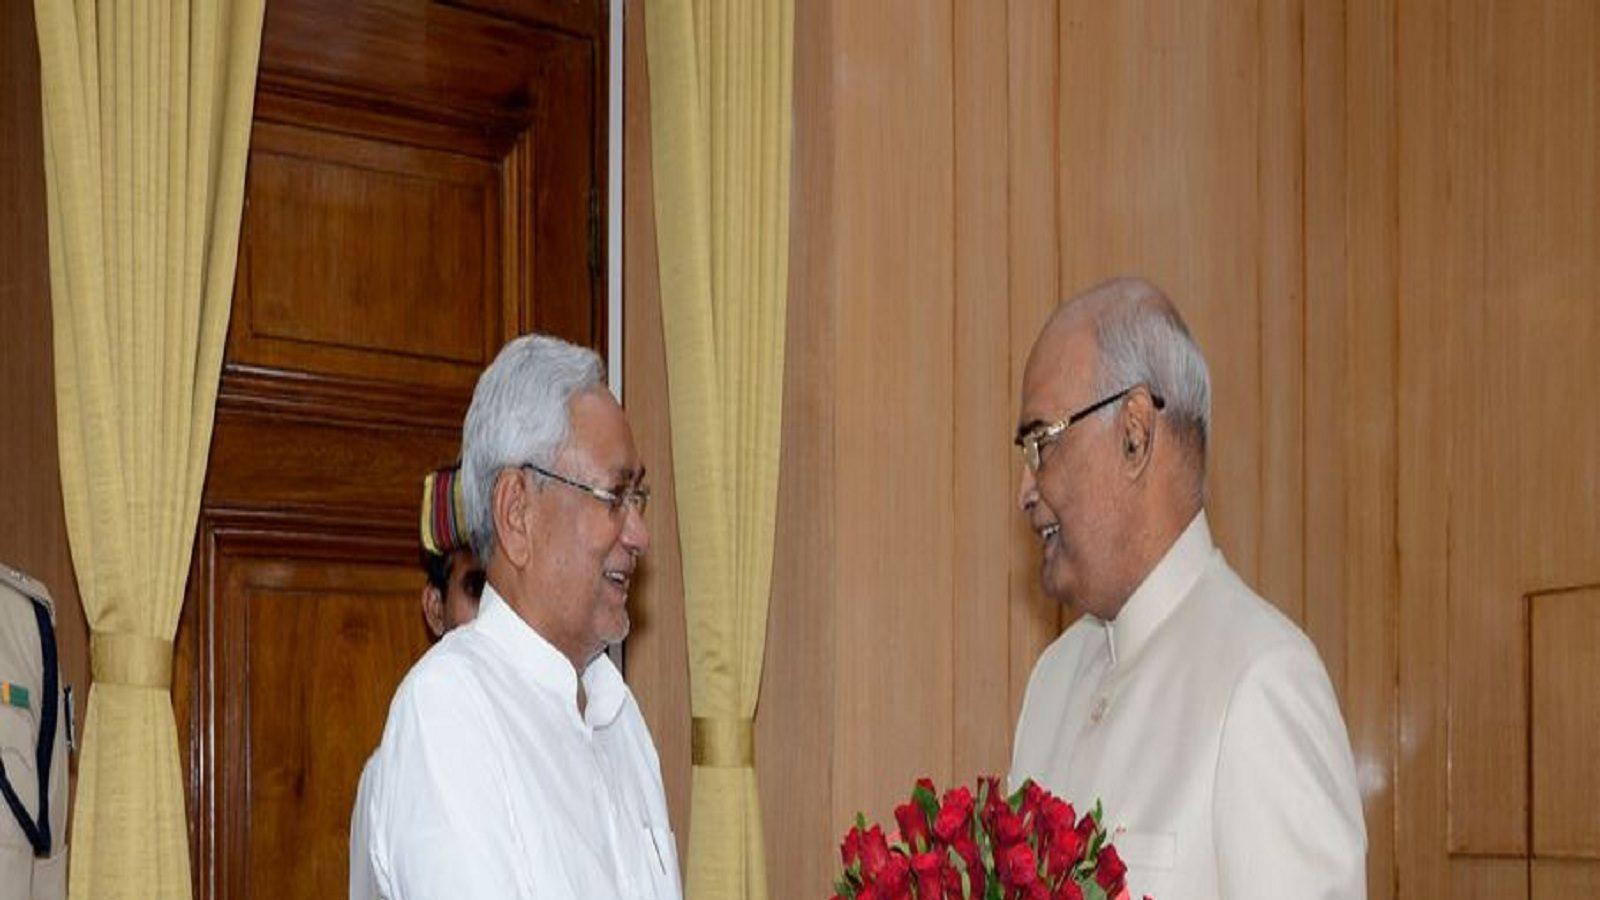 Bihar News Live: विधानसभा सहित पटना के कई कार्यक्रमों में आज शामिल होंगे राष्ट्रपति रामनाथ कोविंद